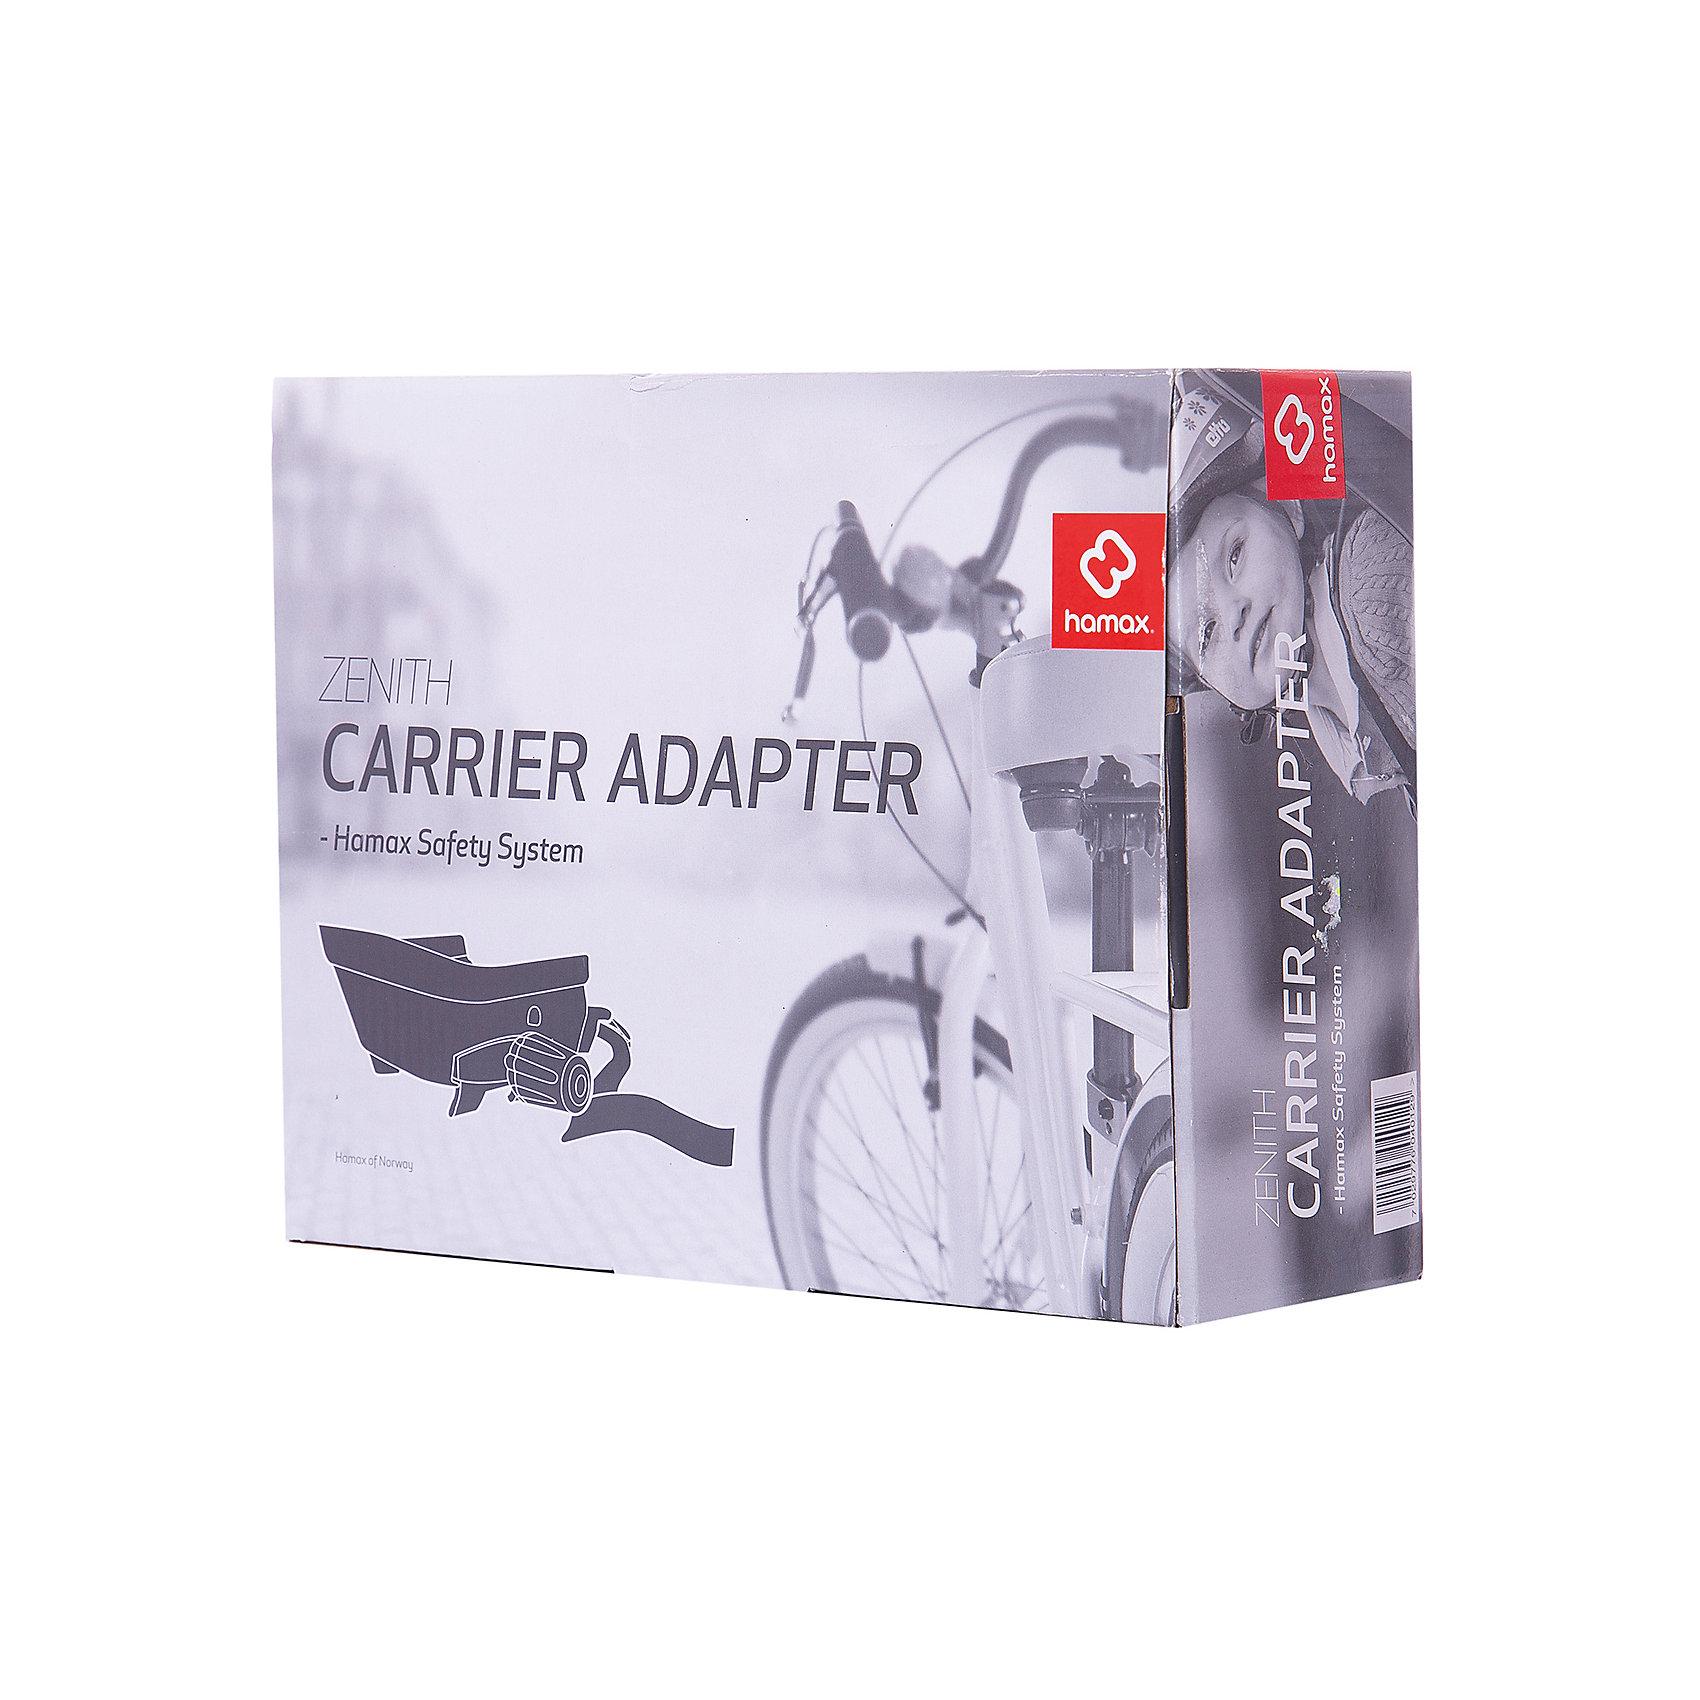 Фото 3 - Адаптер для крепления на багажник Caress Zenith Carrier Adapter, Hamax, серый